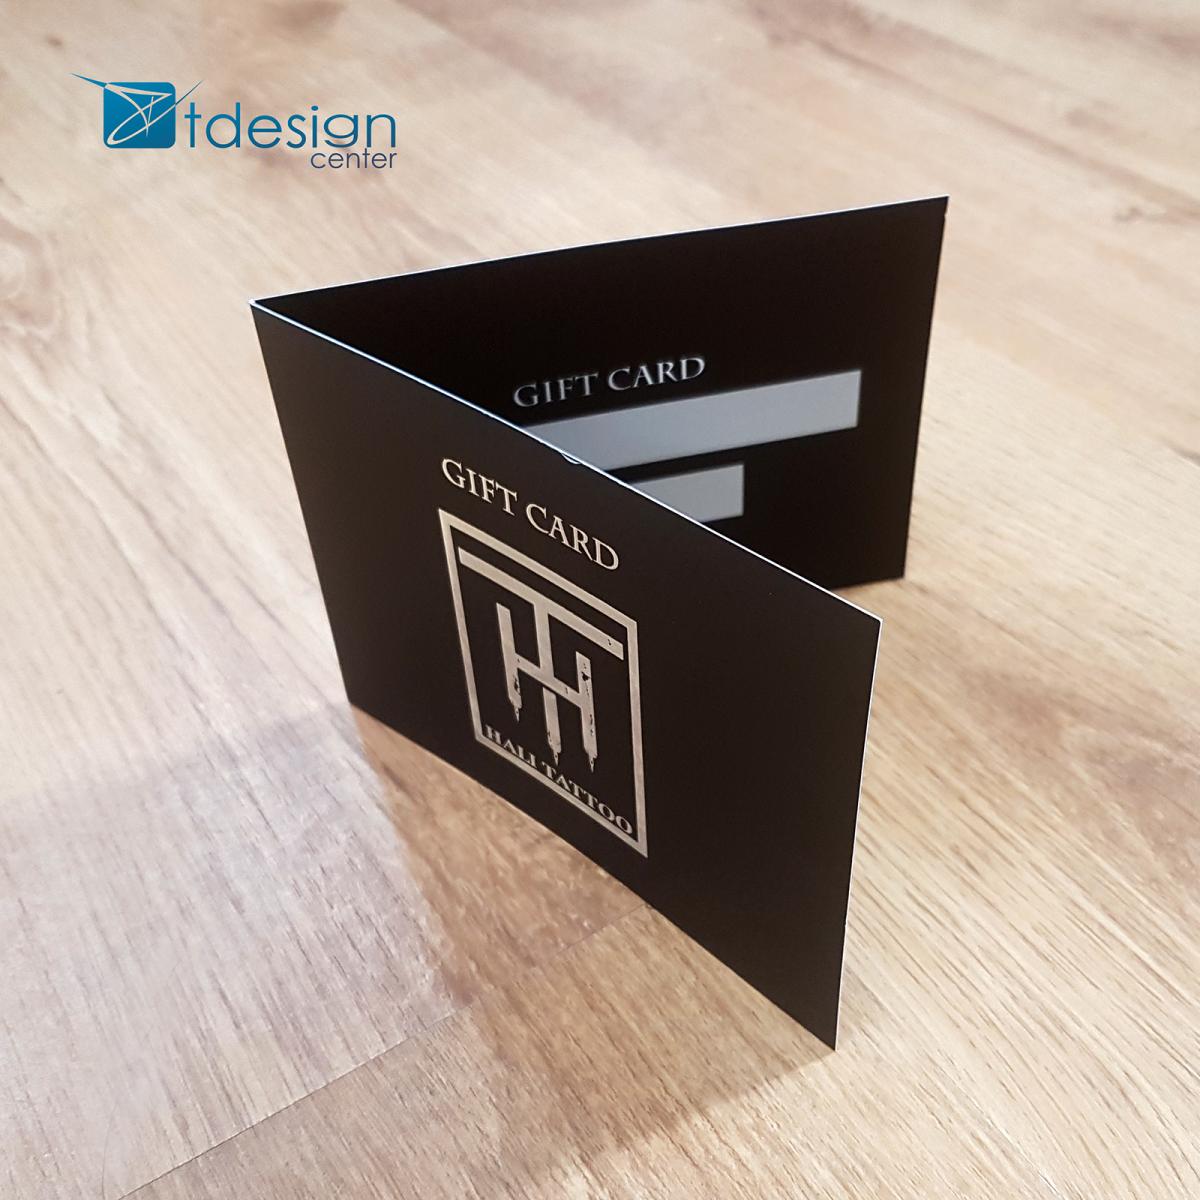 Gift Cards - projekt i druk - realizacja dla studio tatuażu Hali Tatto -> przód